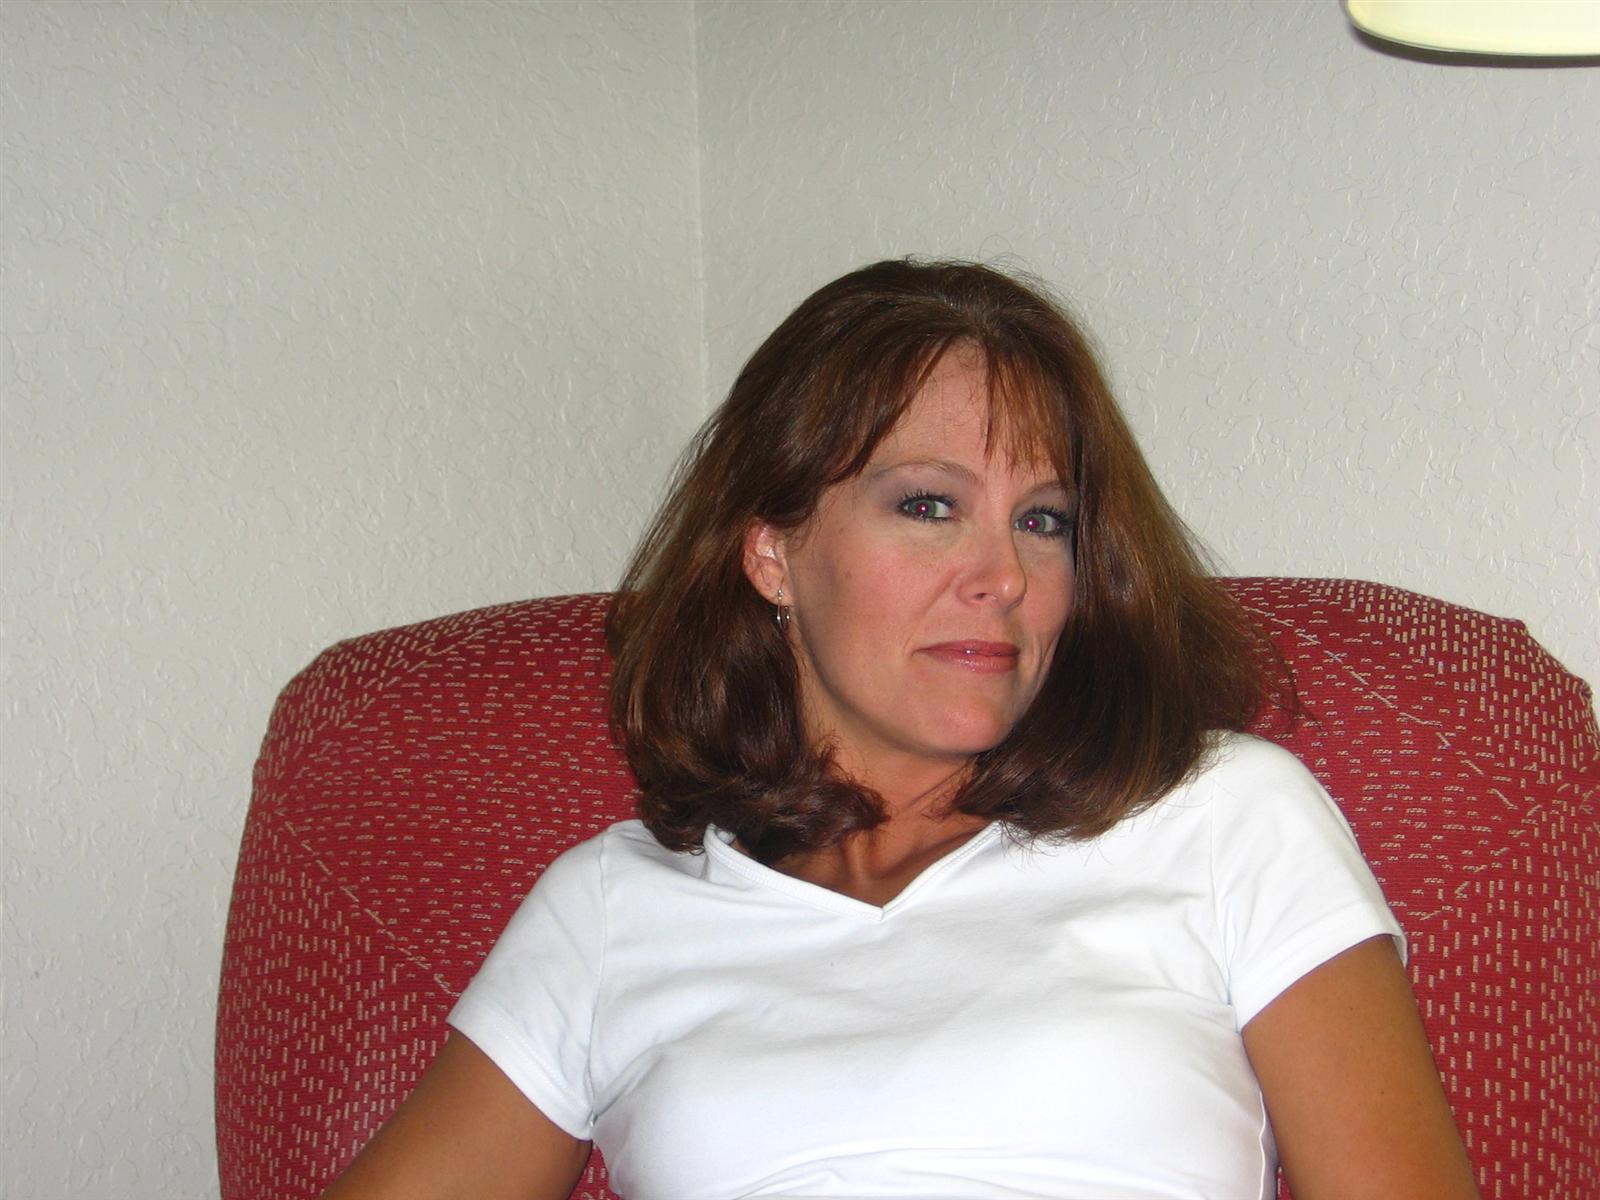 Jennifer Vedno Potrebni Milf Pri Homemoviestubecom-3433